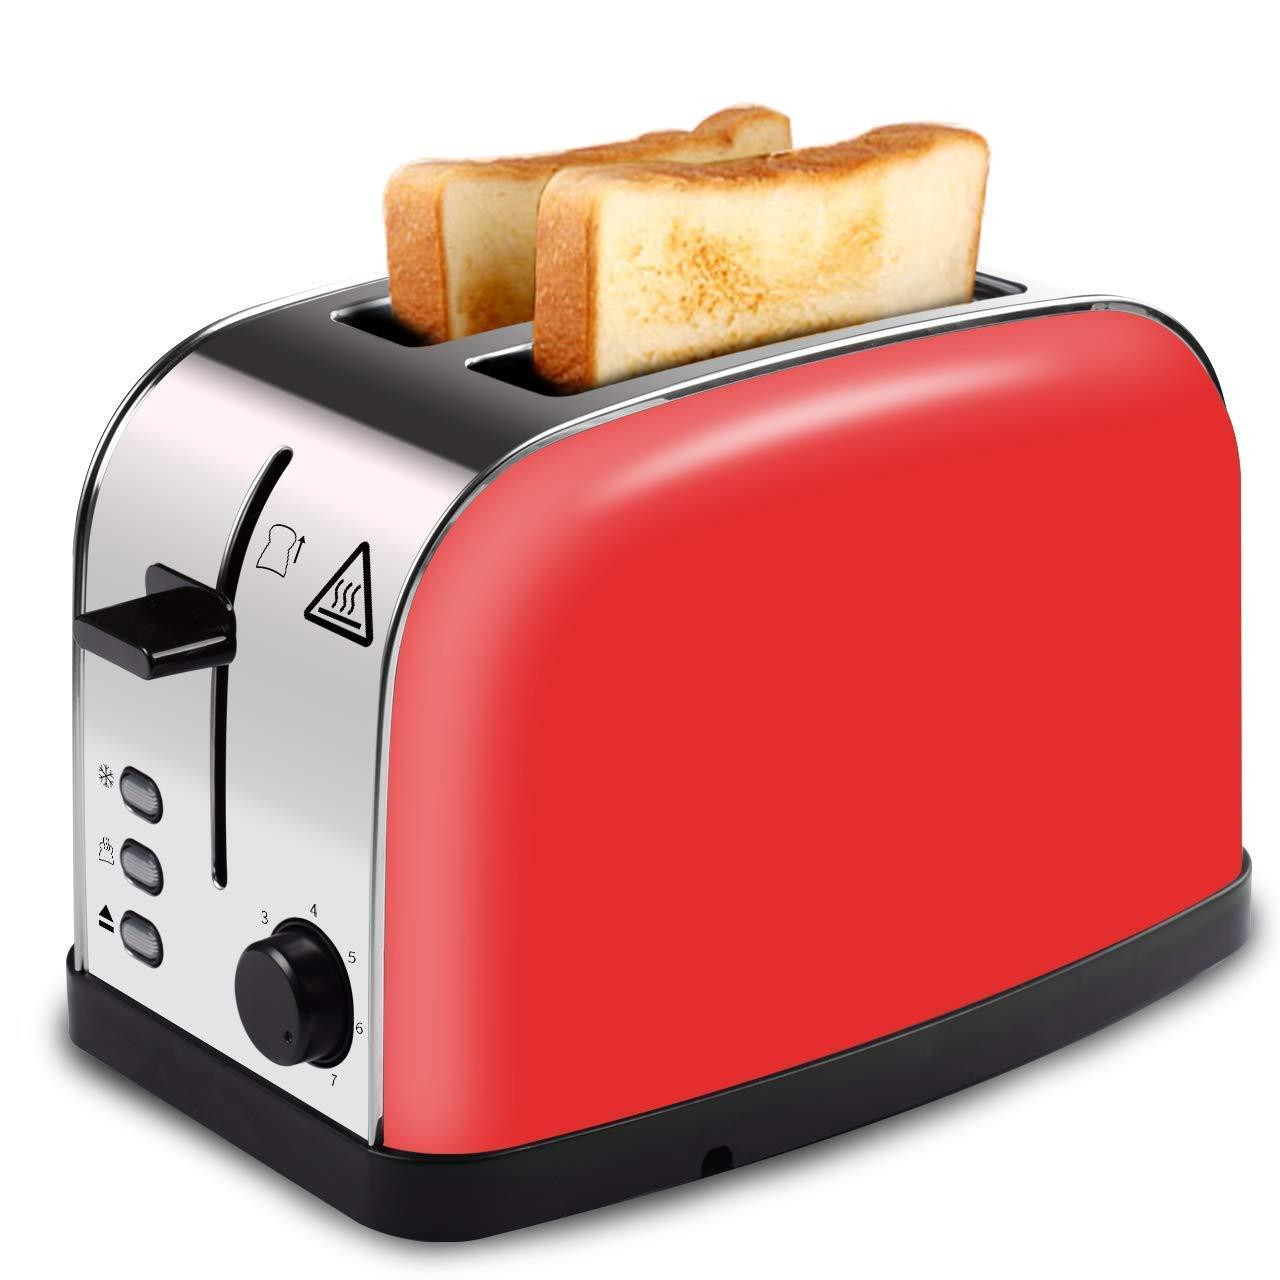 Guter Toaster